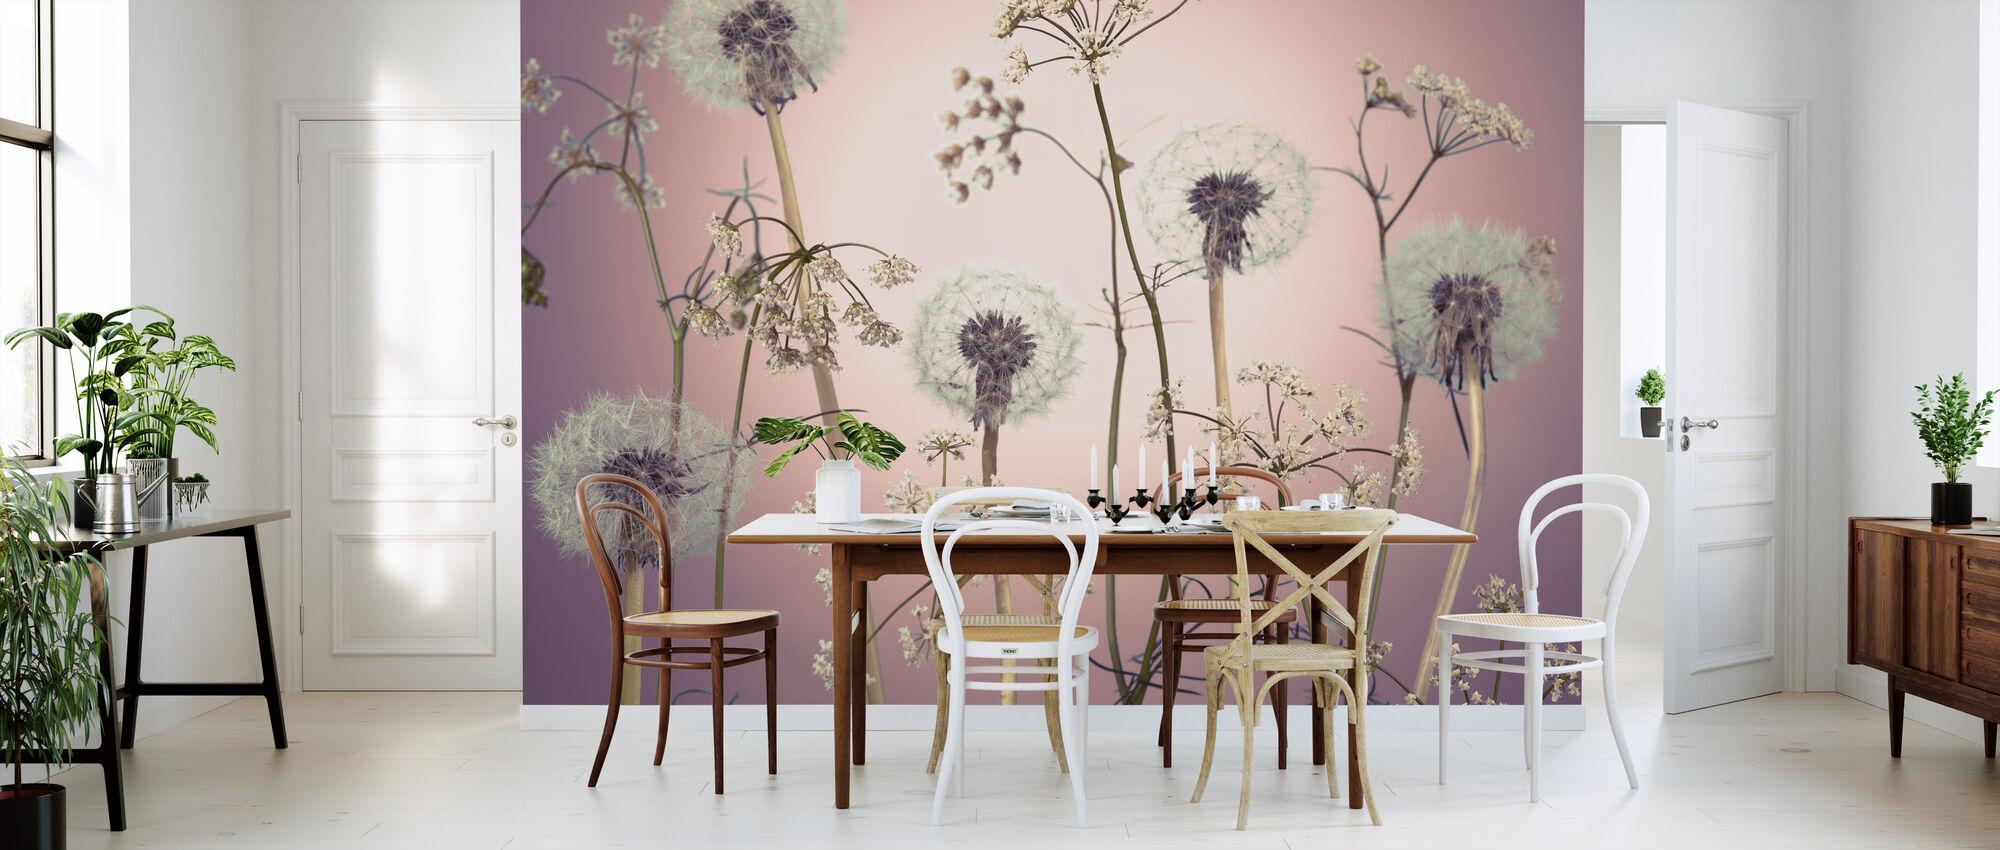 Weide Bloemen - Roze - Behang - Keuken